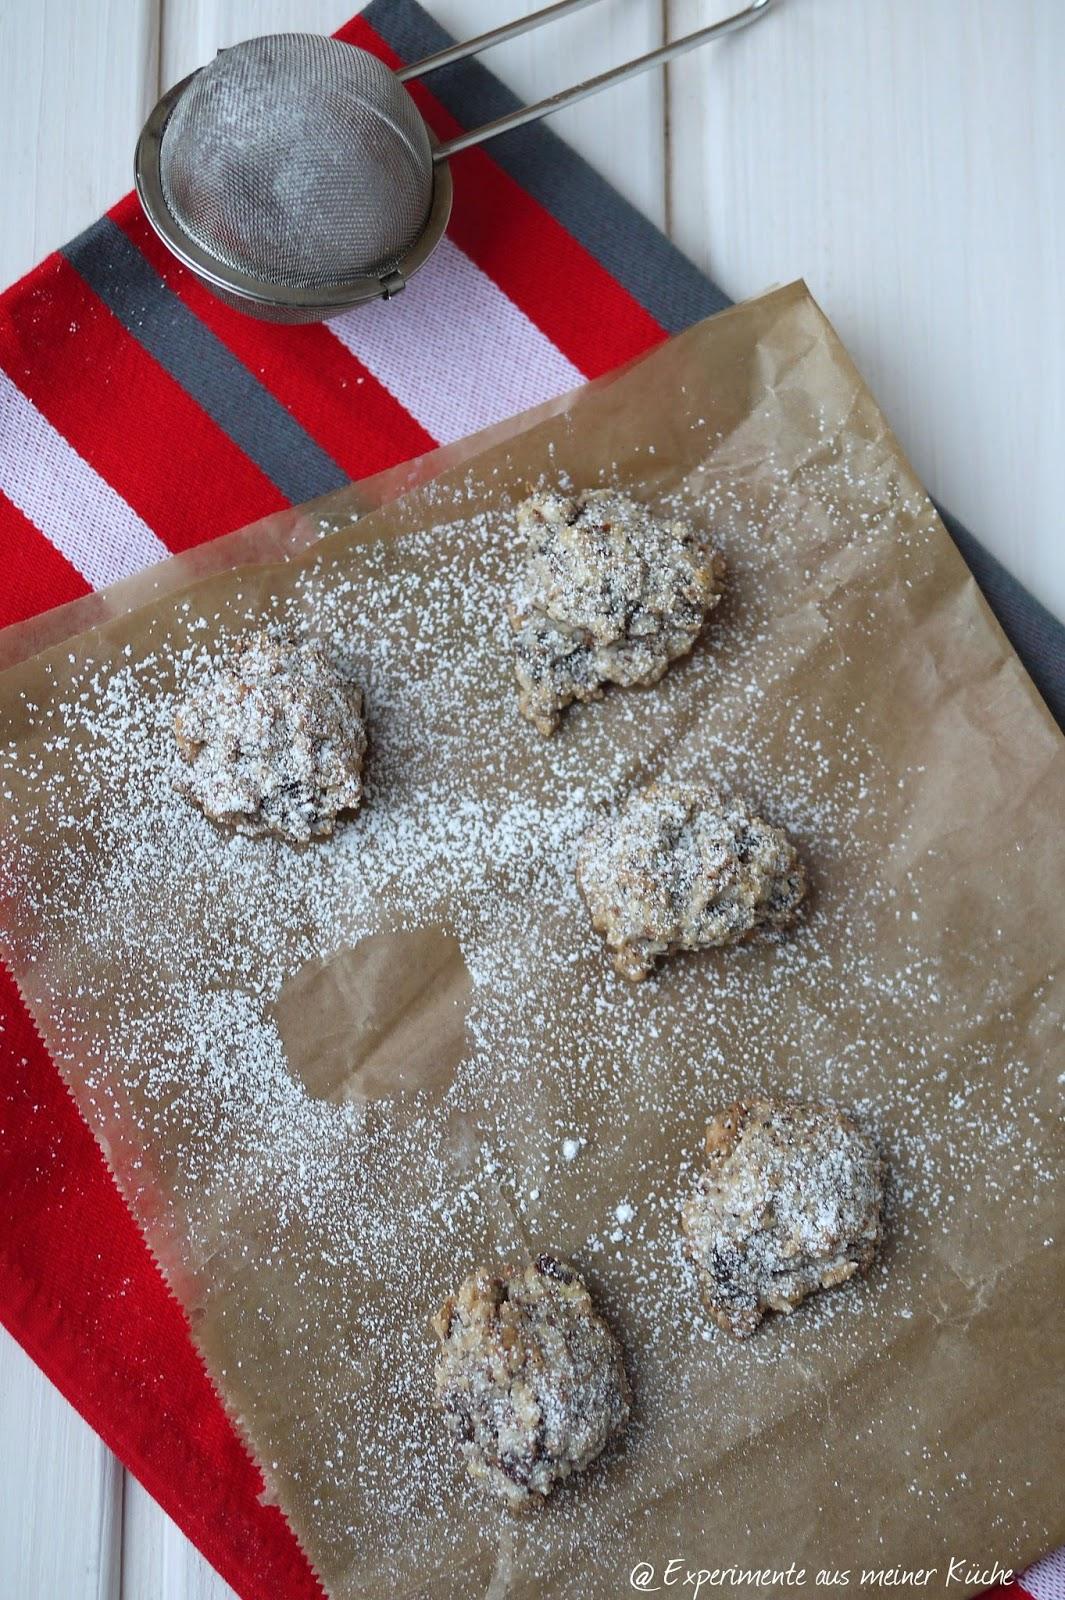 Experimente aus meiner Küche: Dattel-Nuss-Makronen